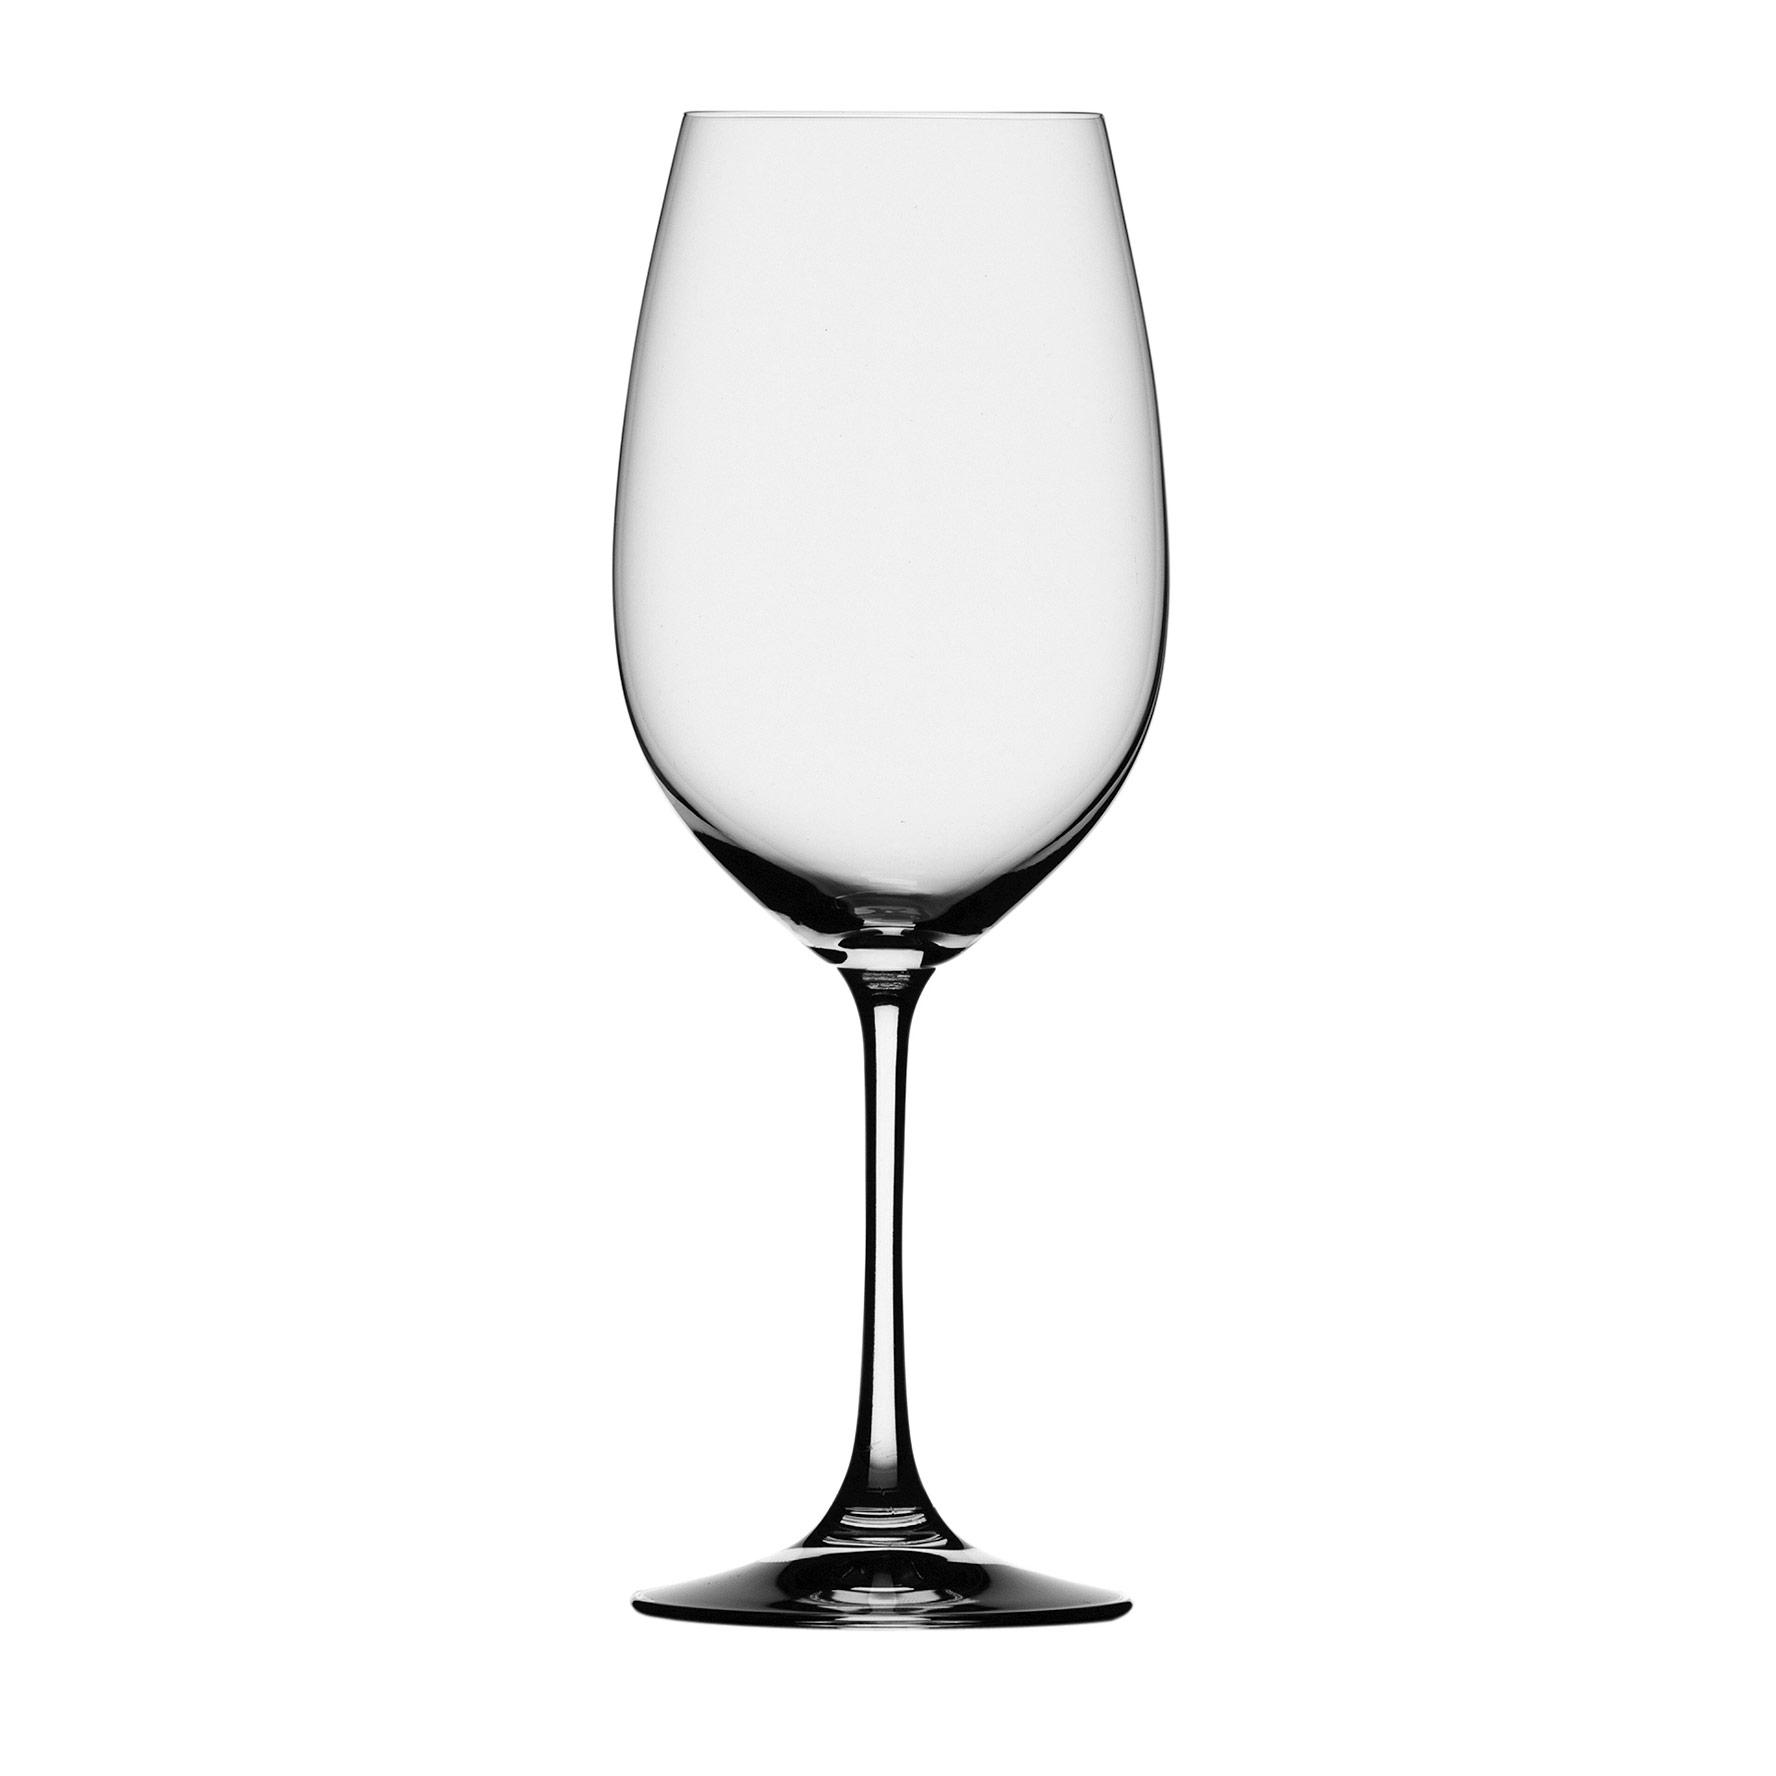 Libbey Glass 4728035 glass, wine